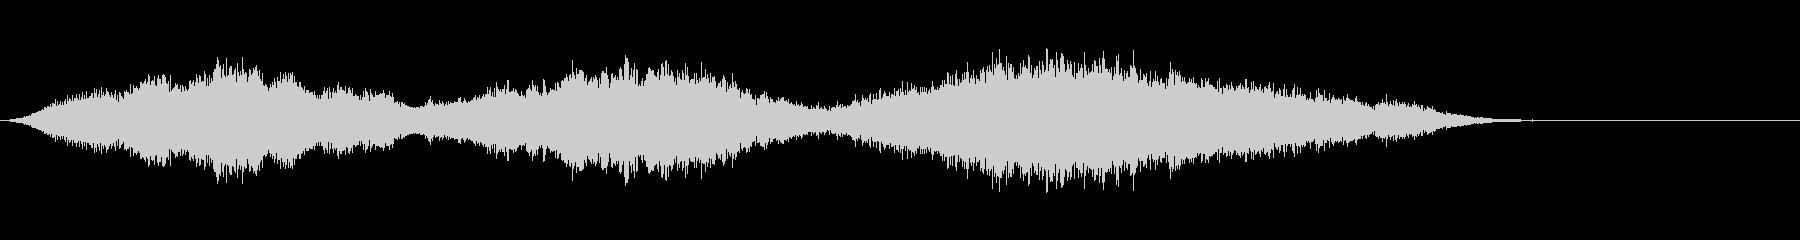 音楽ロゴ;持続弦弦上の瞑想的なベル...の未再生の波形